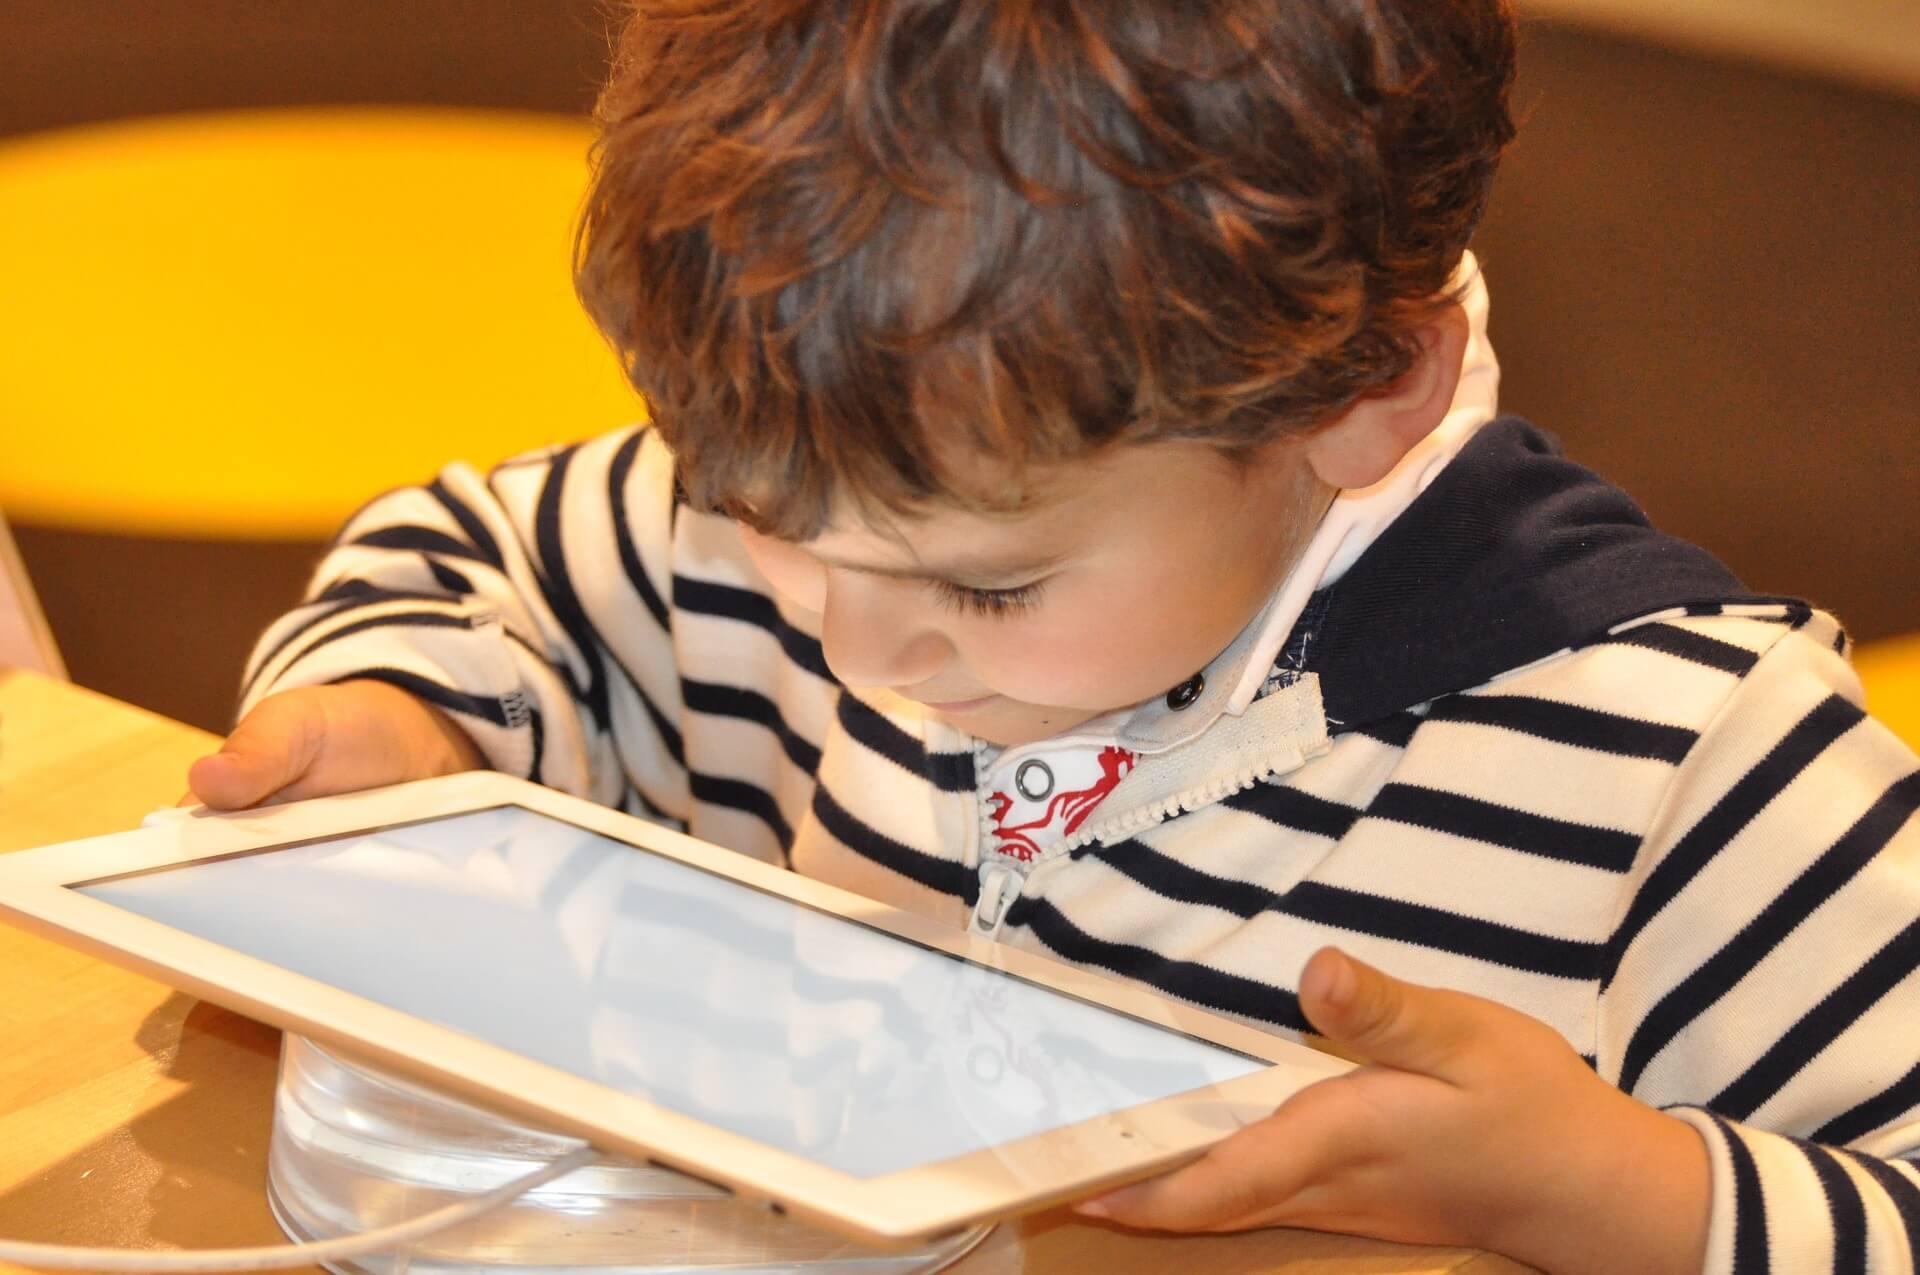 a-que-edad-dejamos-que-los-ninos-usen-la-tecnologia